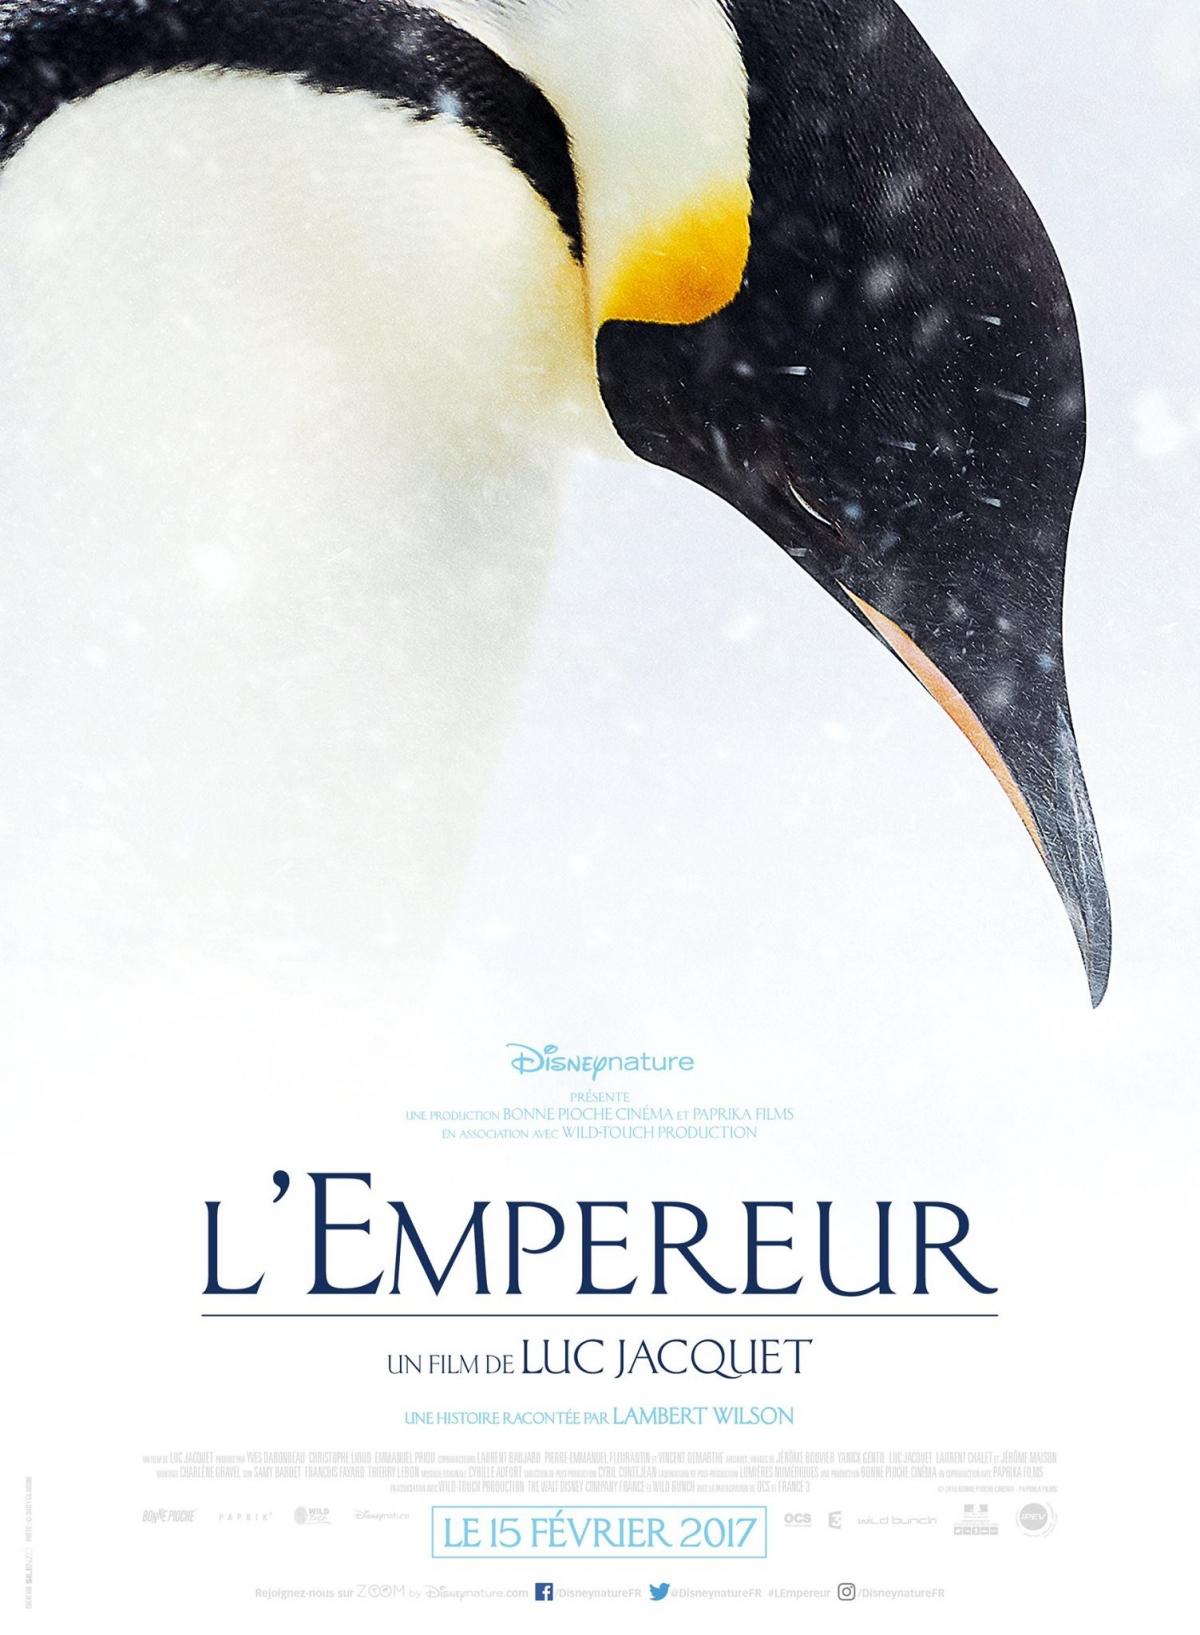 Page enfant : Après La Marche de l'empereur, voici venu L'Empereur